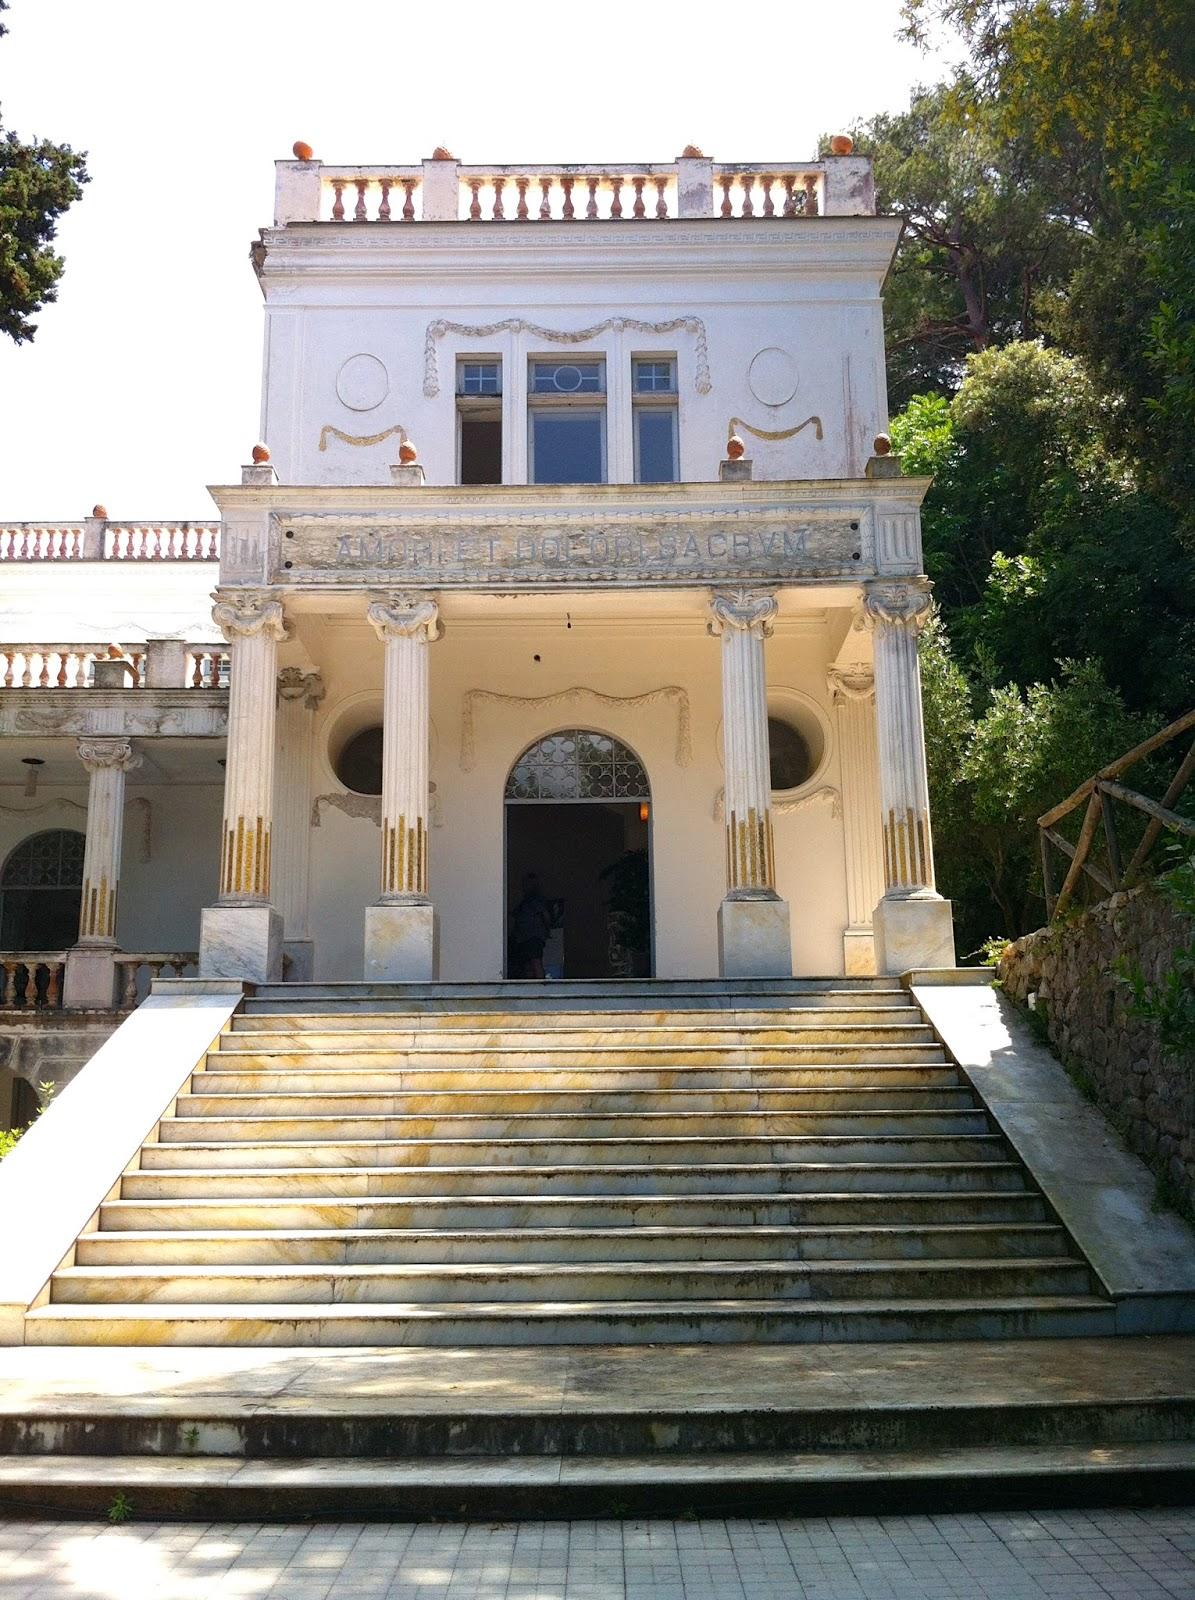 Party vista mare capri to be discovered villa lysis for Capri villa